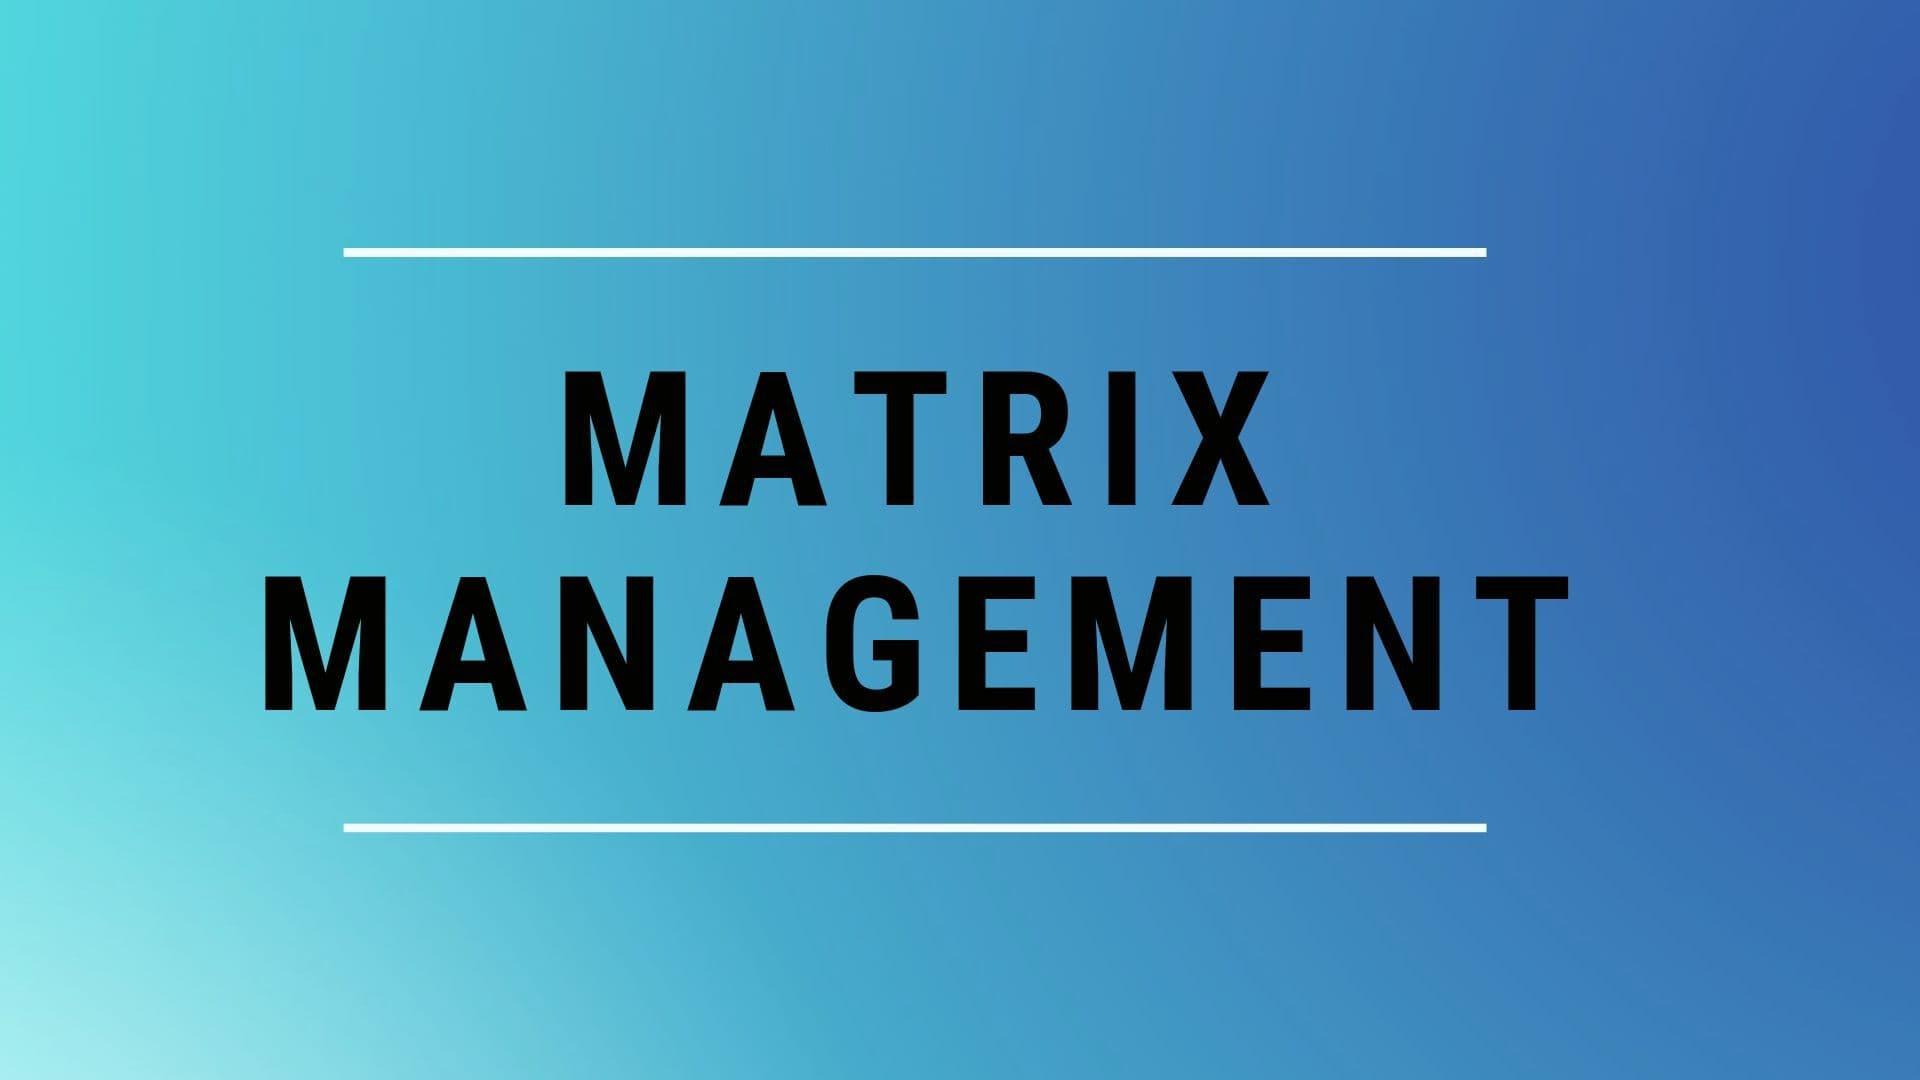 What is Matrix Management